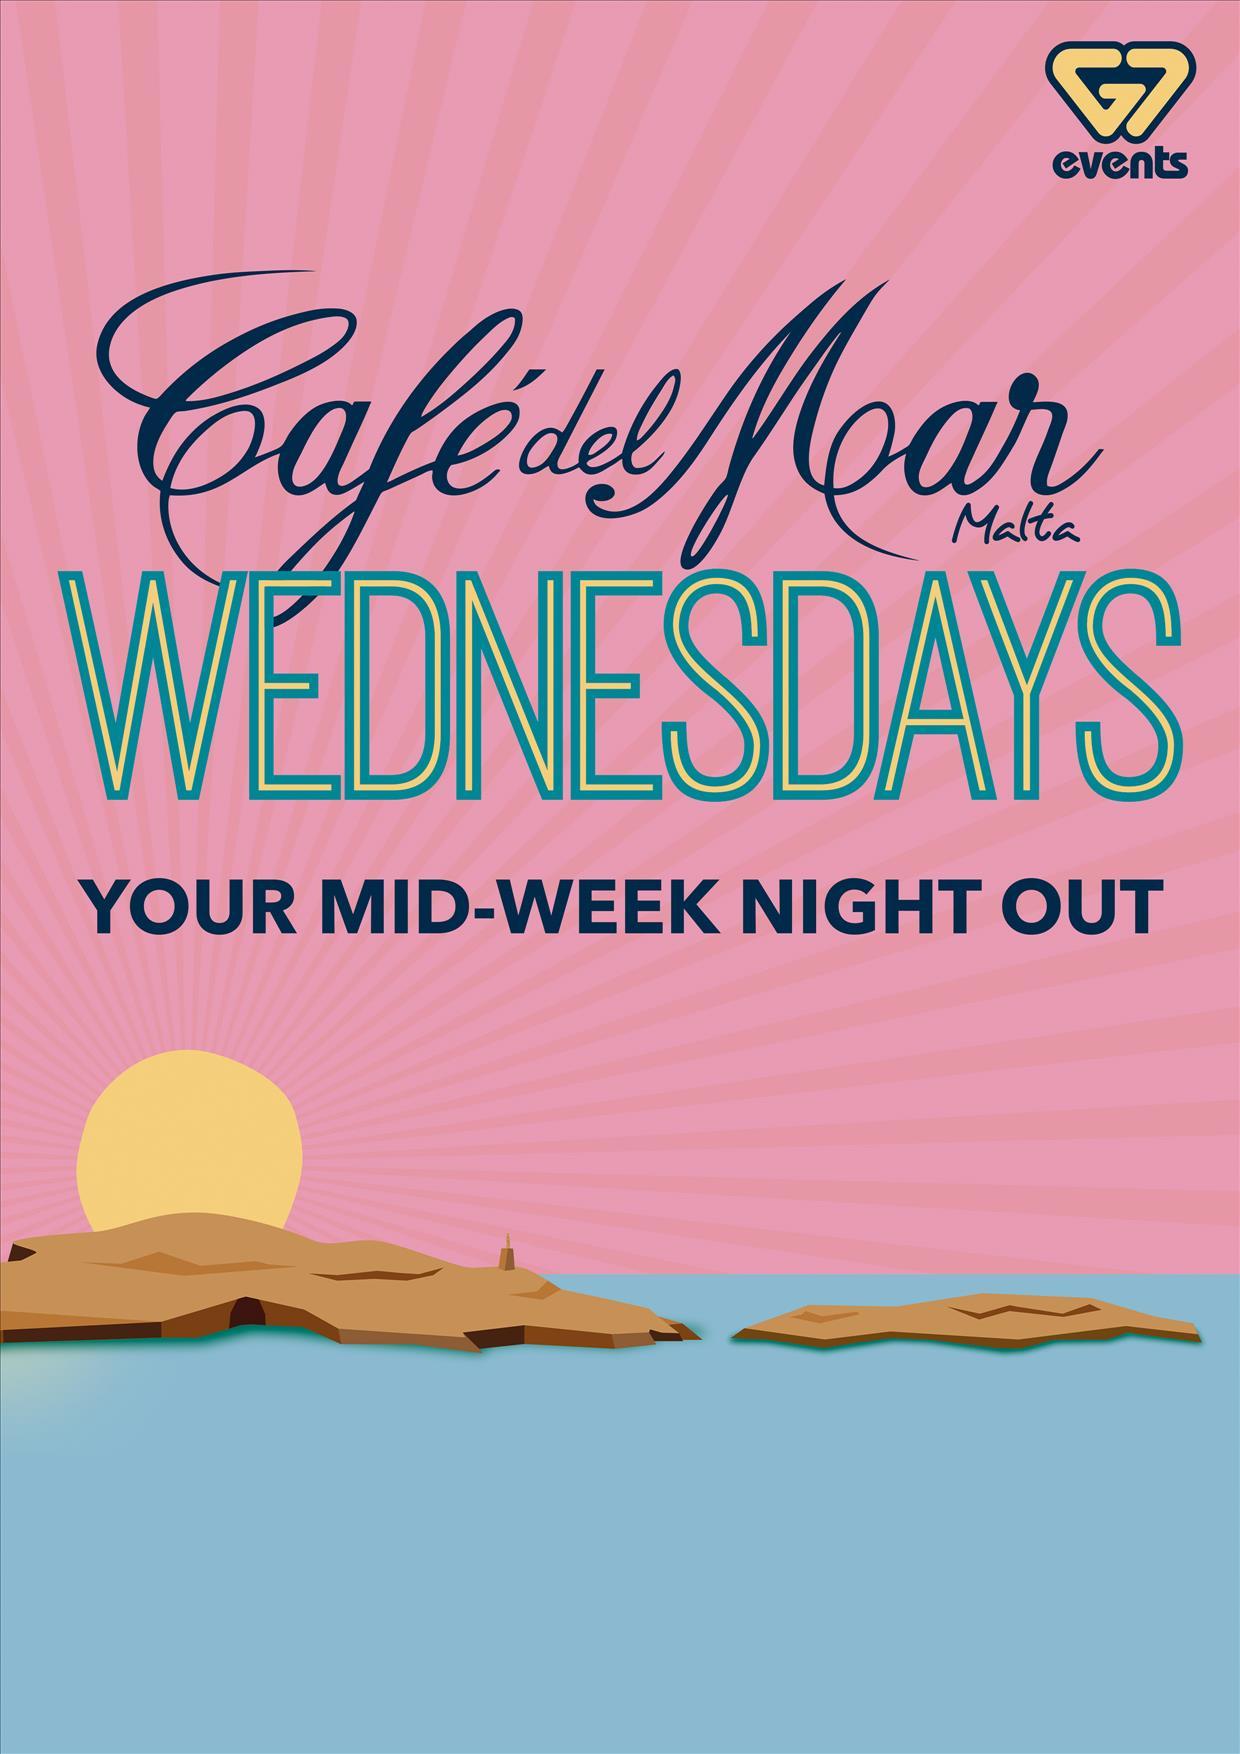 Cafe del Mar G7 Wednesdays 2017 flyer